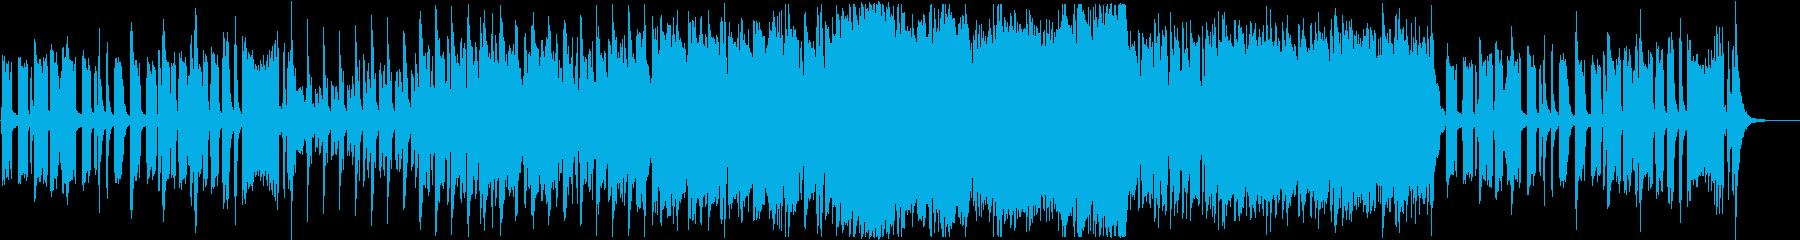 迷子感のあるコミカルなBGMの再生済みの波形